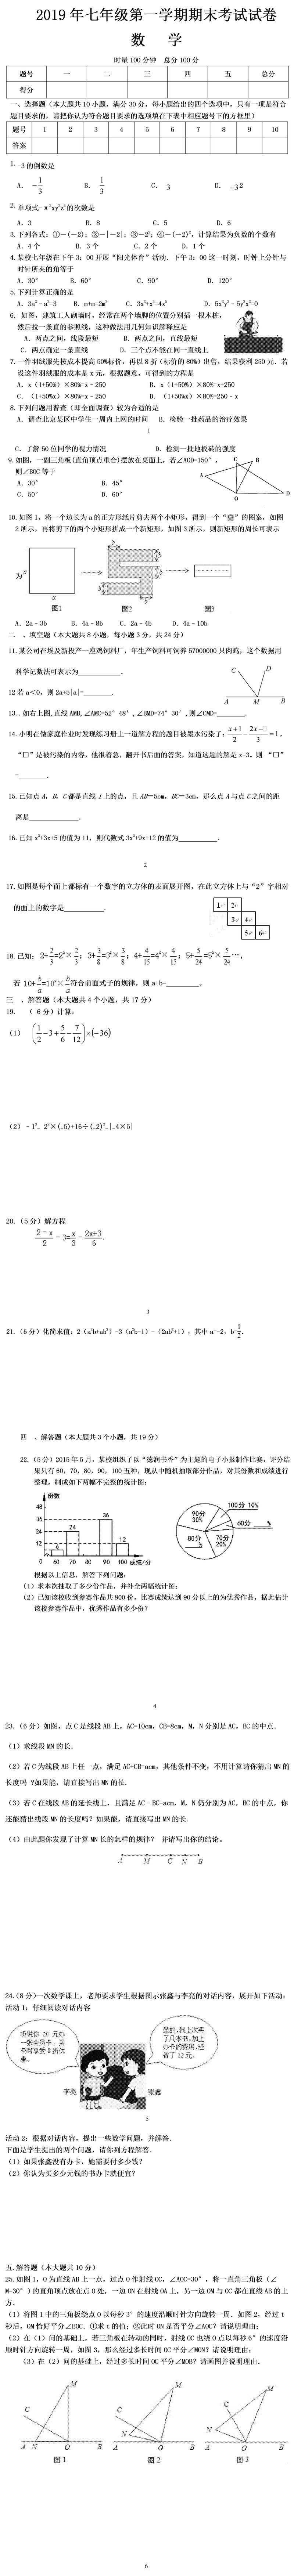 2019期末考试数学试卷